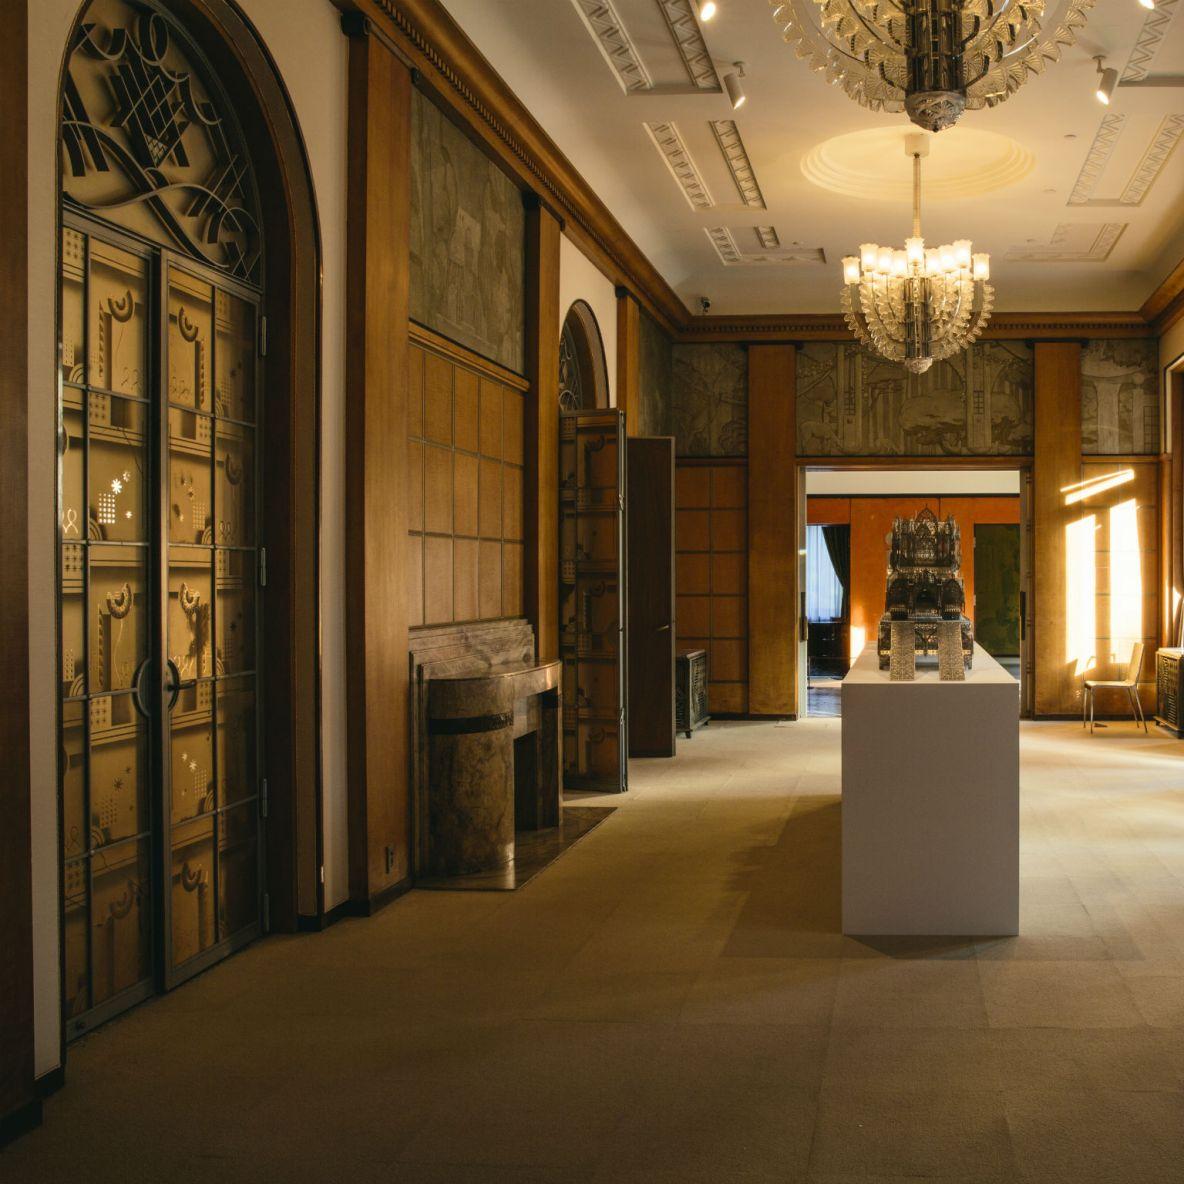 Teien Museum